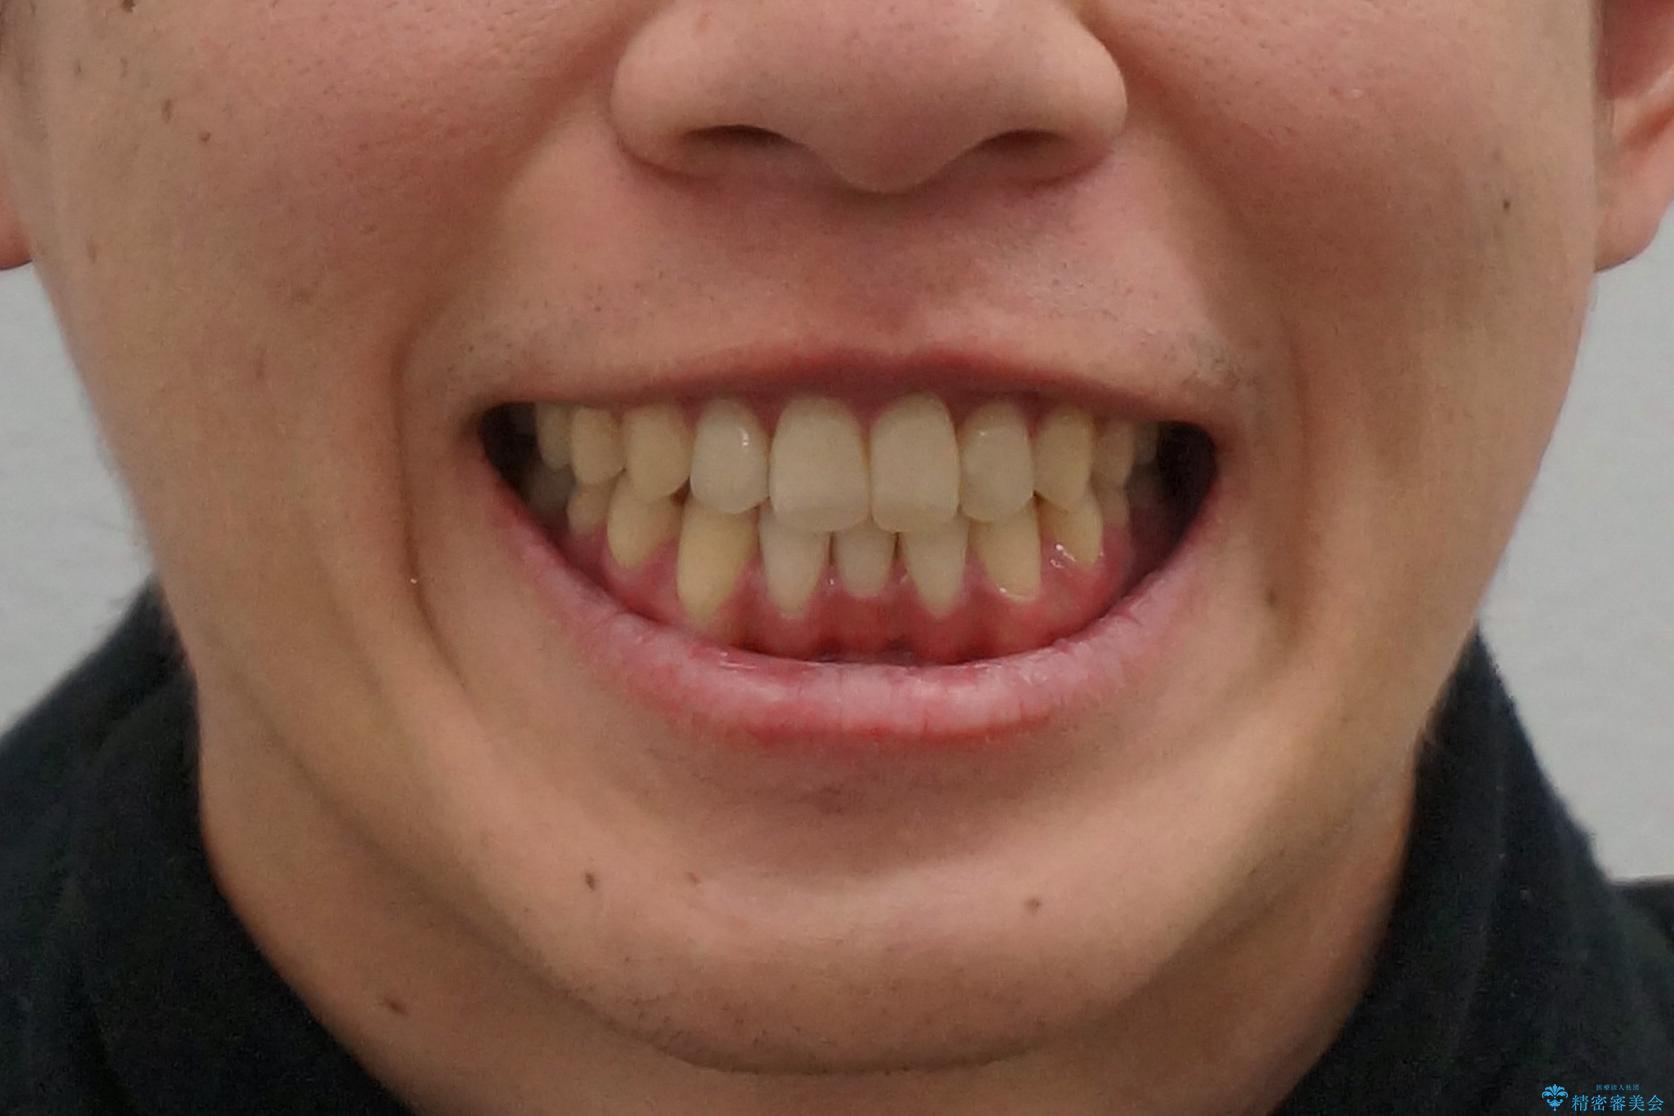 インビザライン矯正 神経のない歯をとって、全て天然歯に の治療後(顔貌)